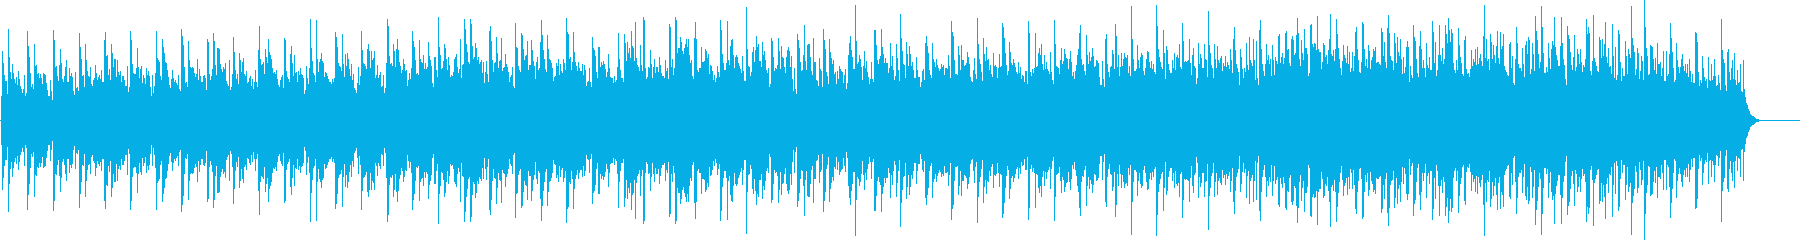 ニューエイジ系 水中遊覧サウンドの再生済みの波形